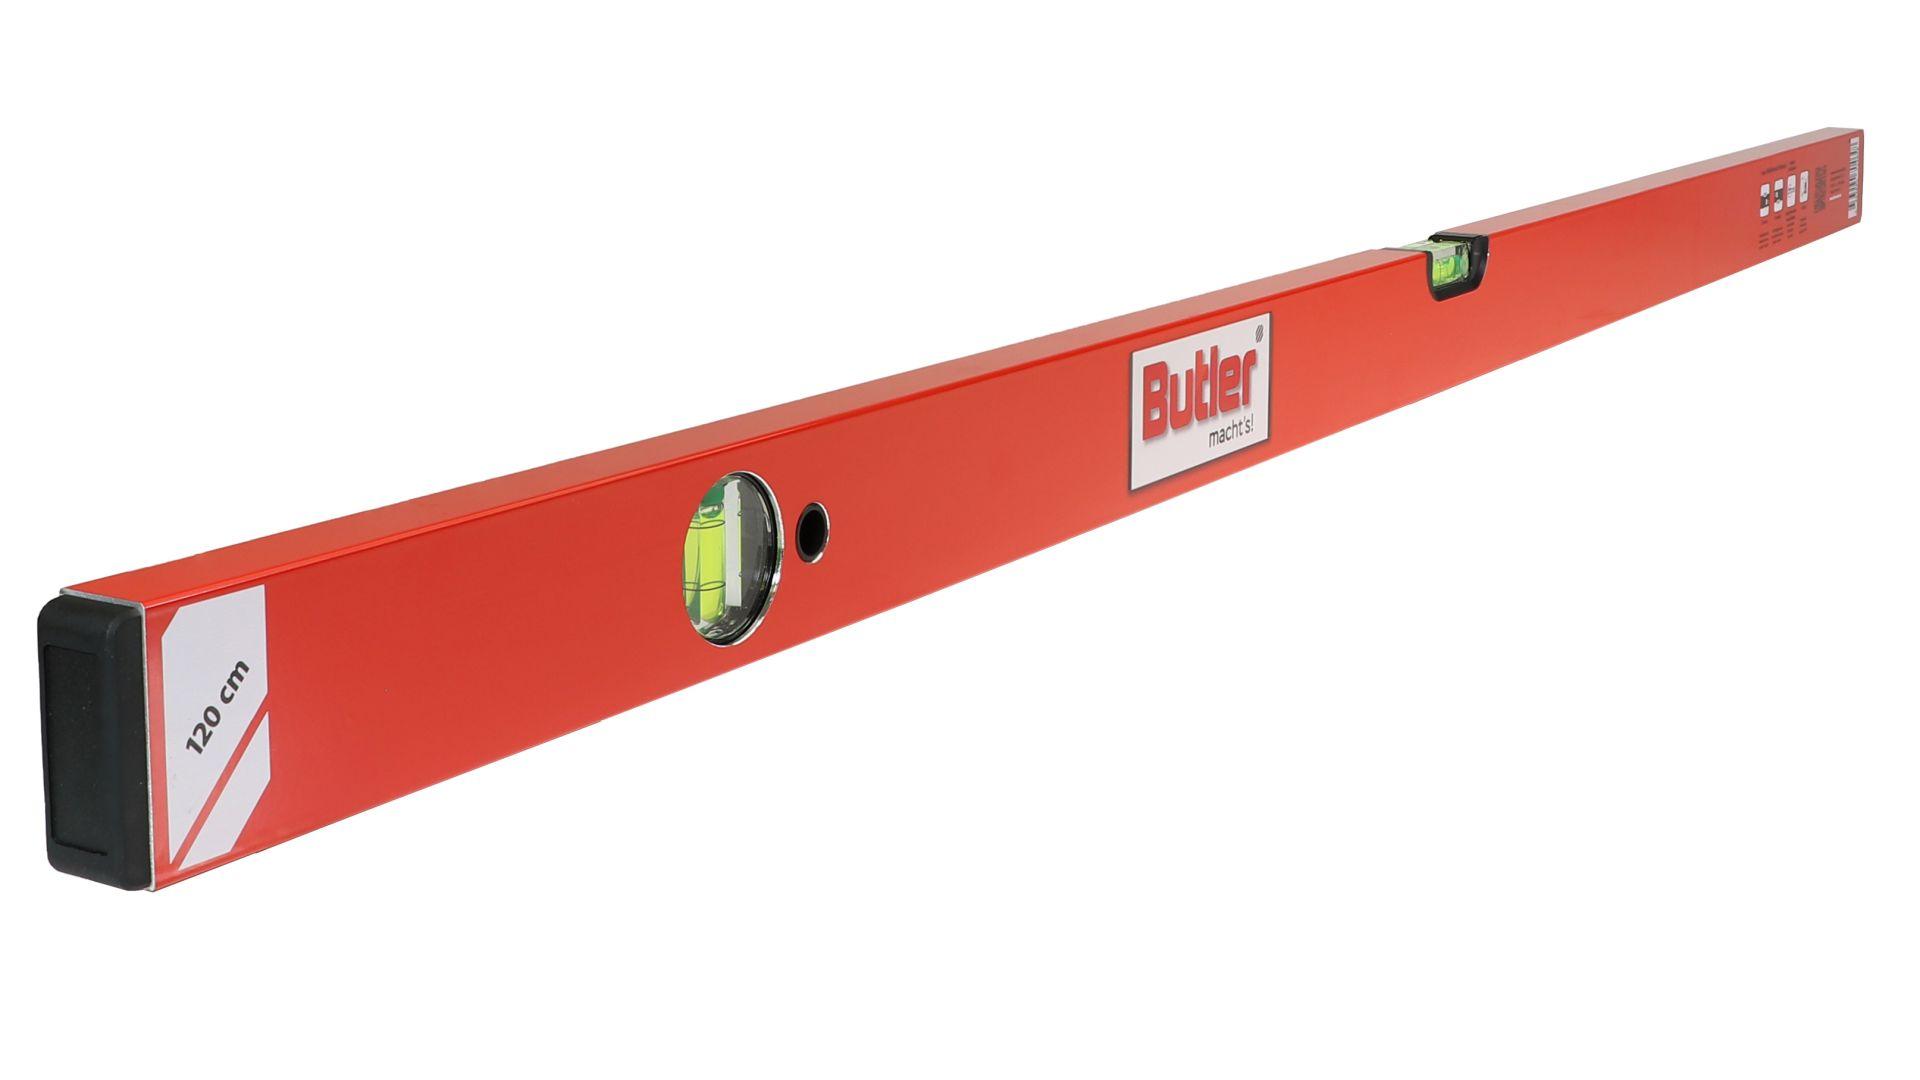 Butler macht's! Wasserwaage aus Leichtmetall, eine horizontale, eine vertikale Libelle, Länge 120 cm